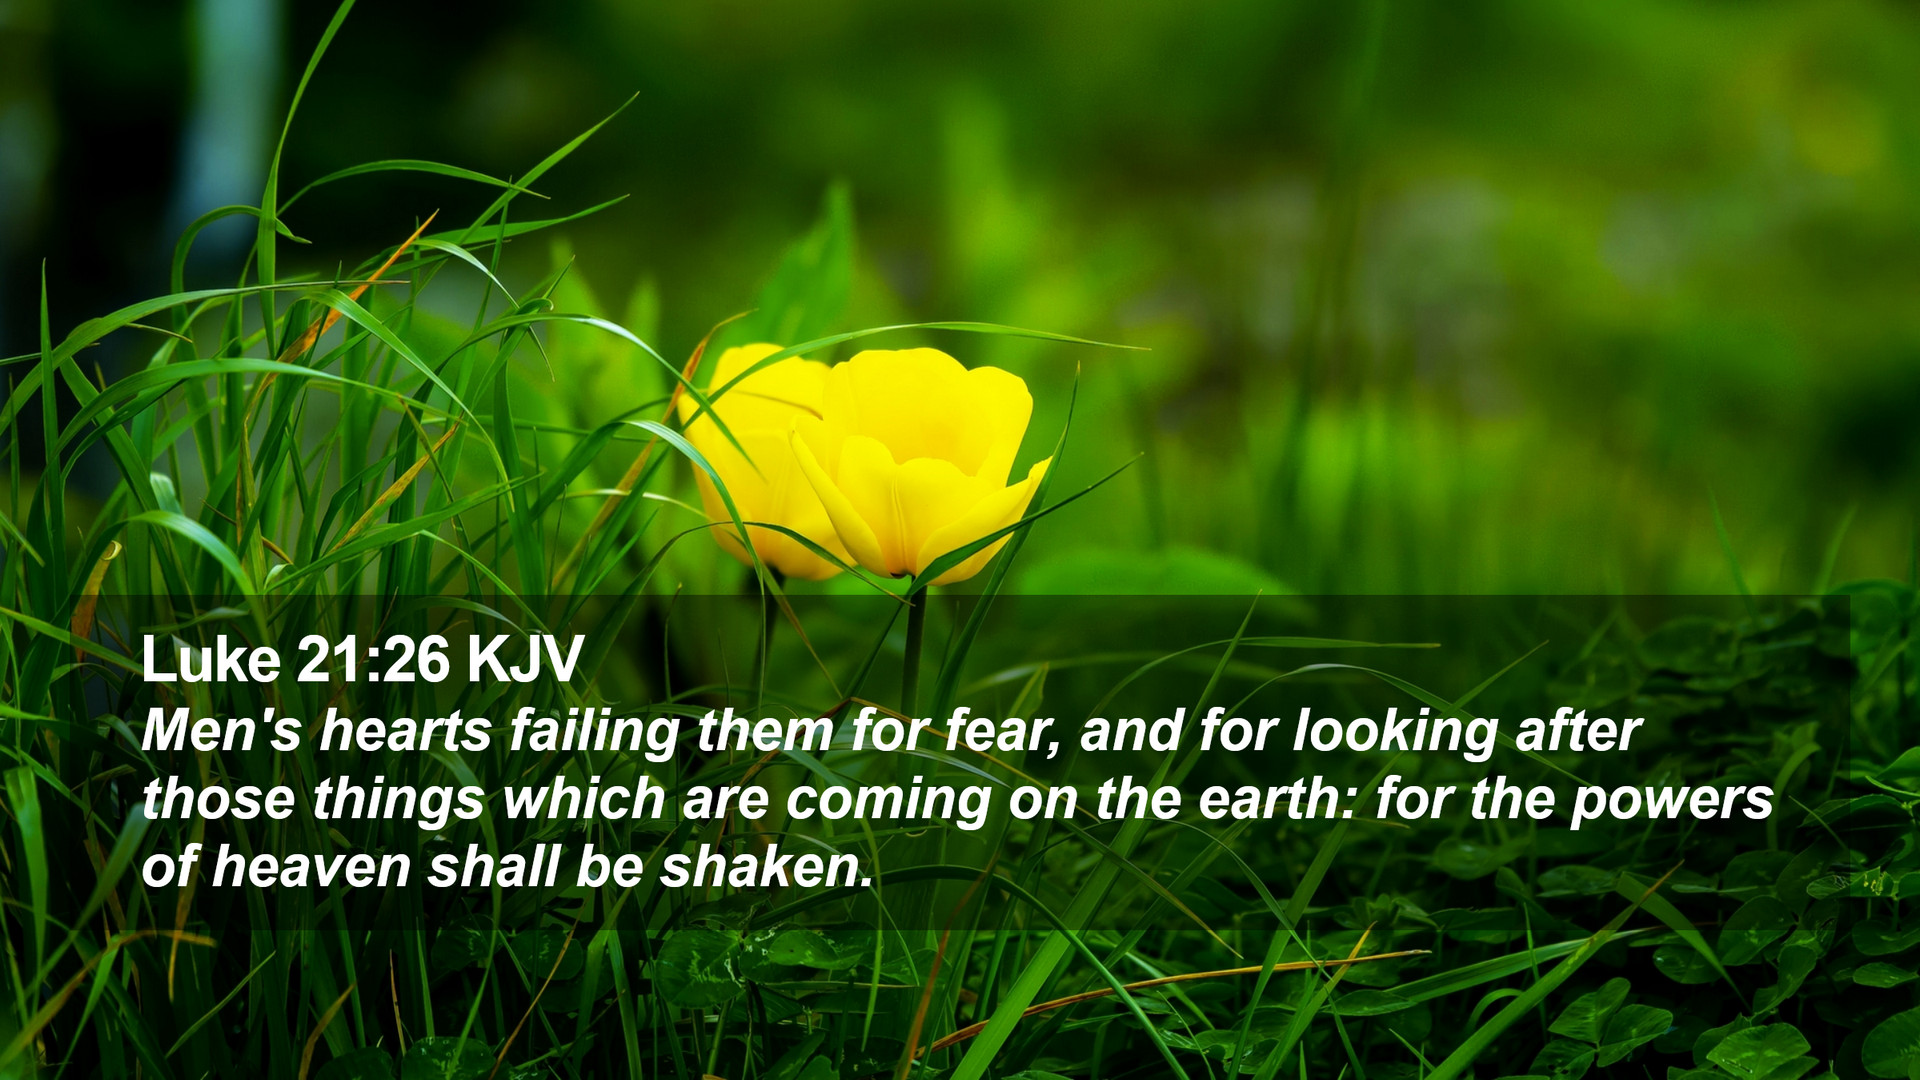 Luke 21:26 KJV Desktop Wallpaper - Men's hearts failing them for fear, and  for